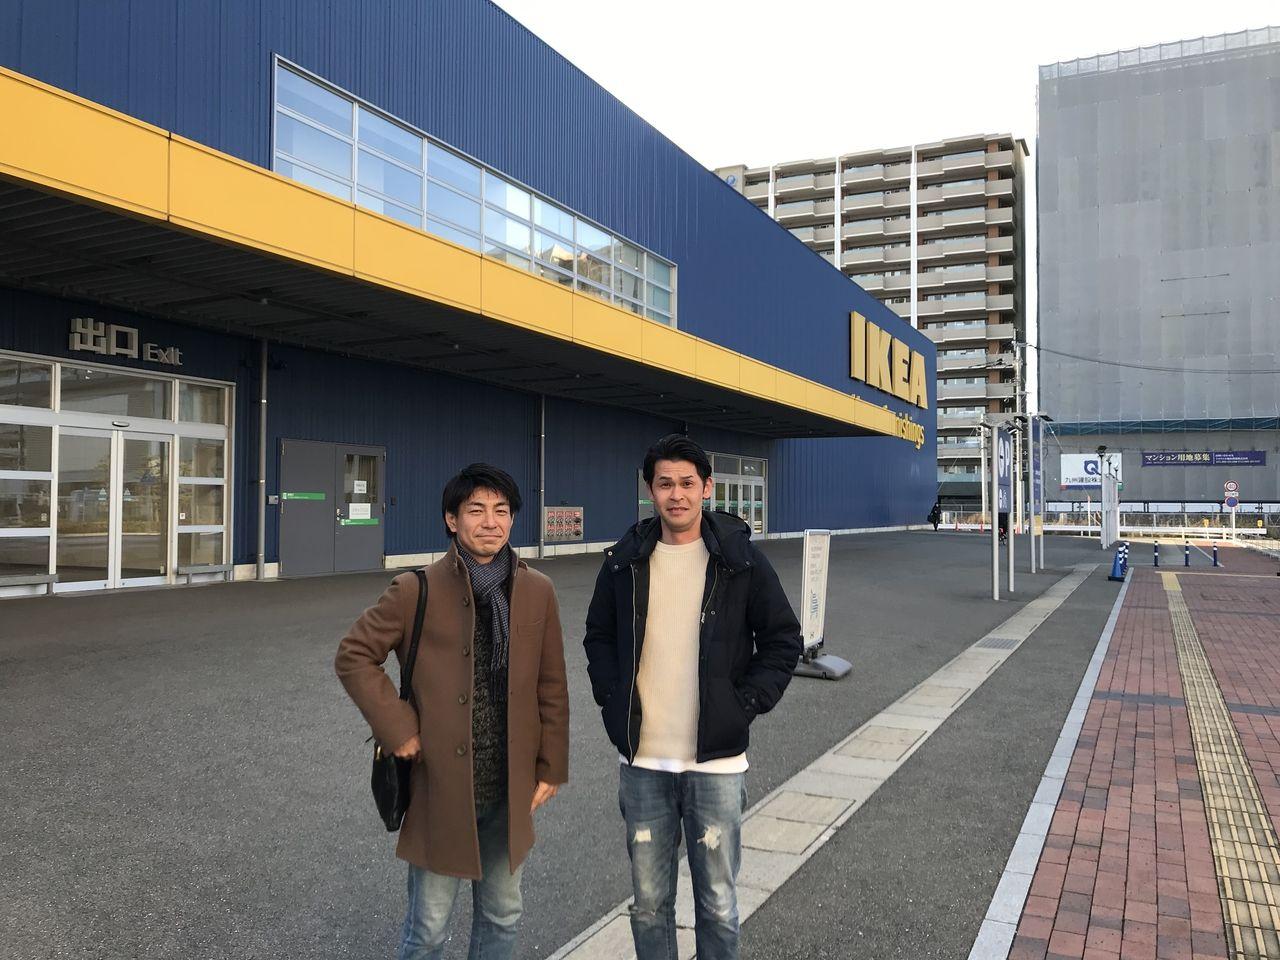 新築賃貸マンションプロジェクト始動!